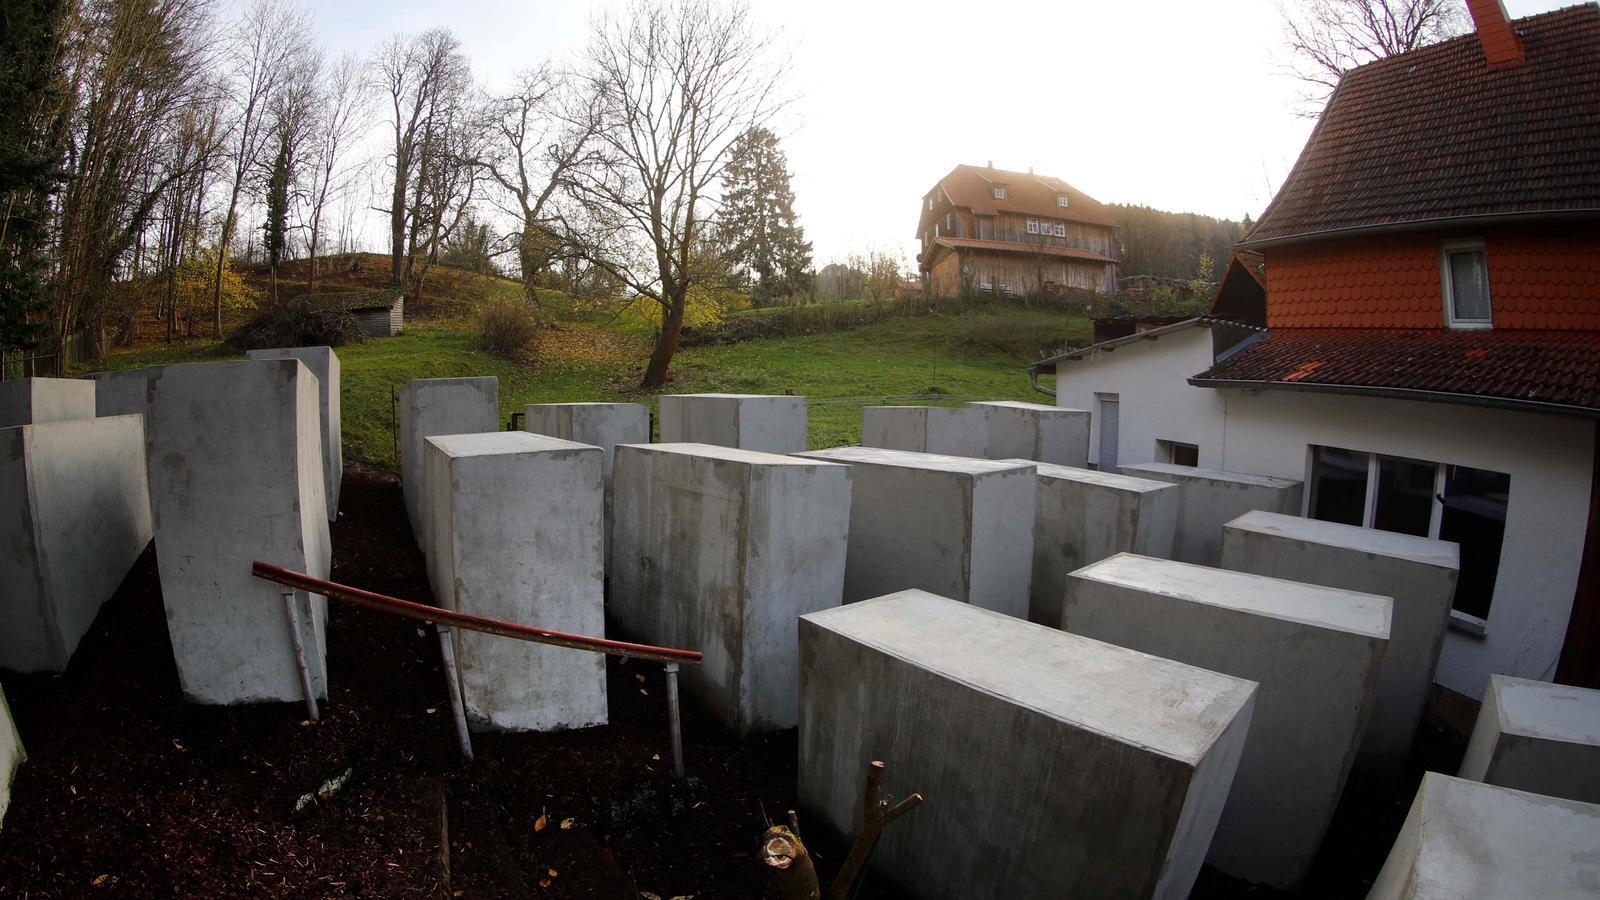 Imatge de la reproducció del monument en record de l'holocaust jueu a la ciutat de Bornhagen